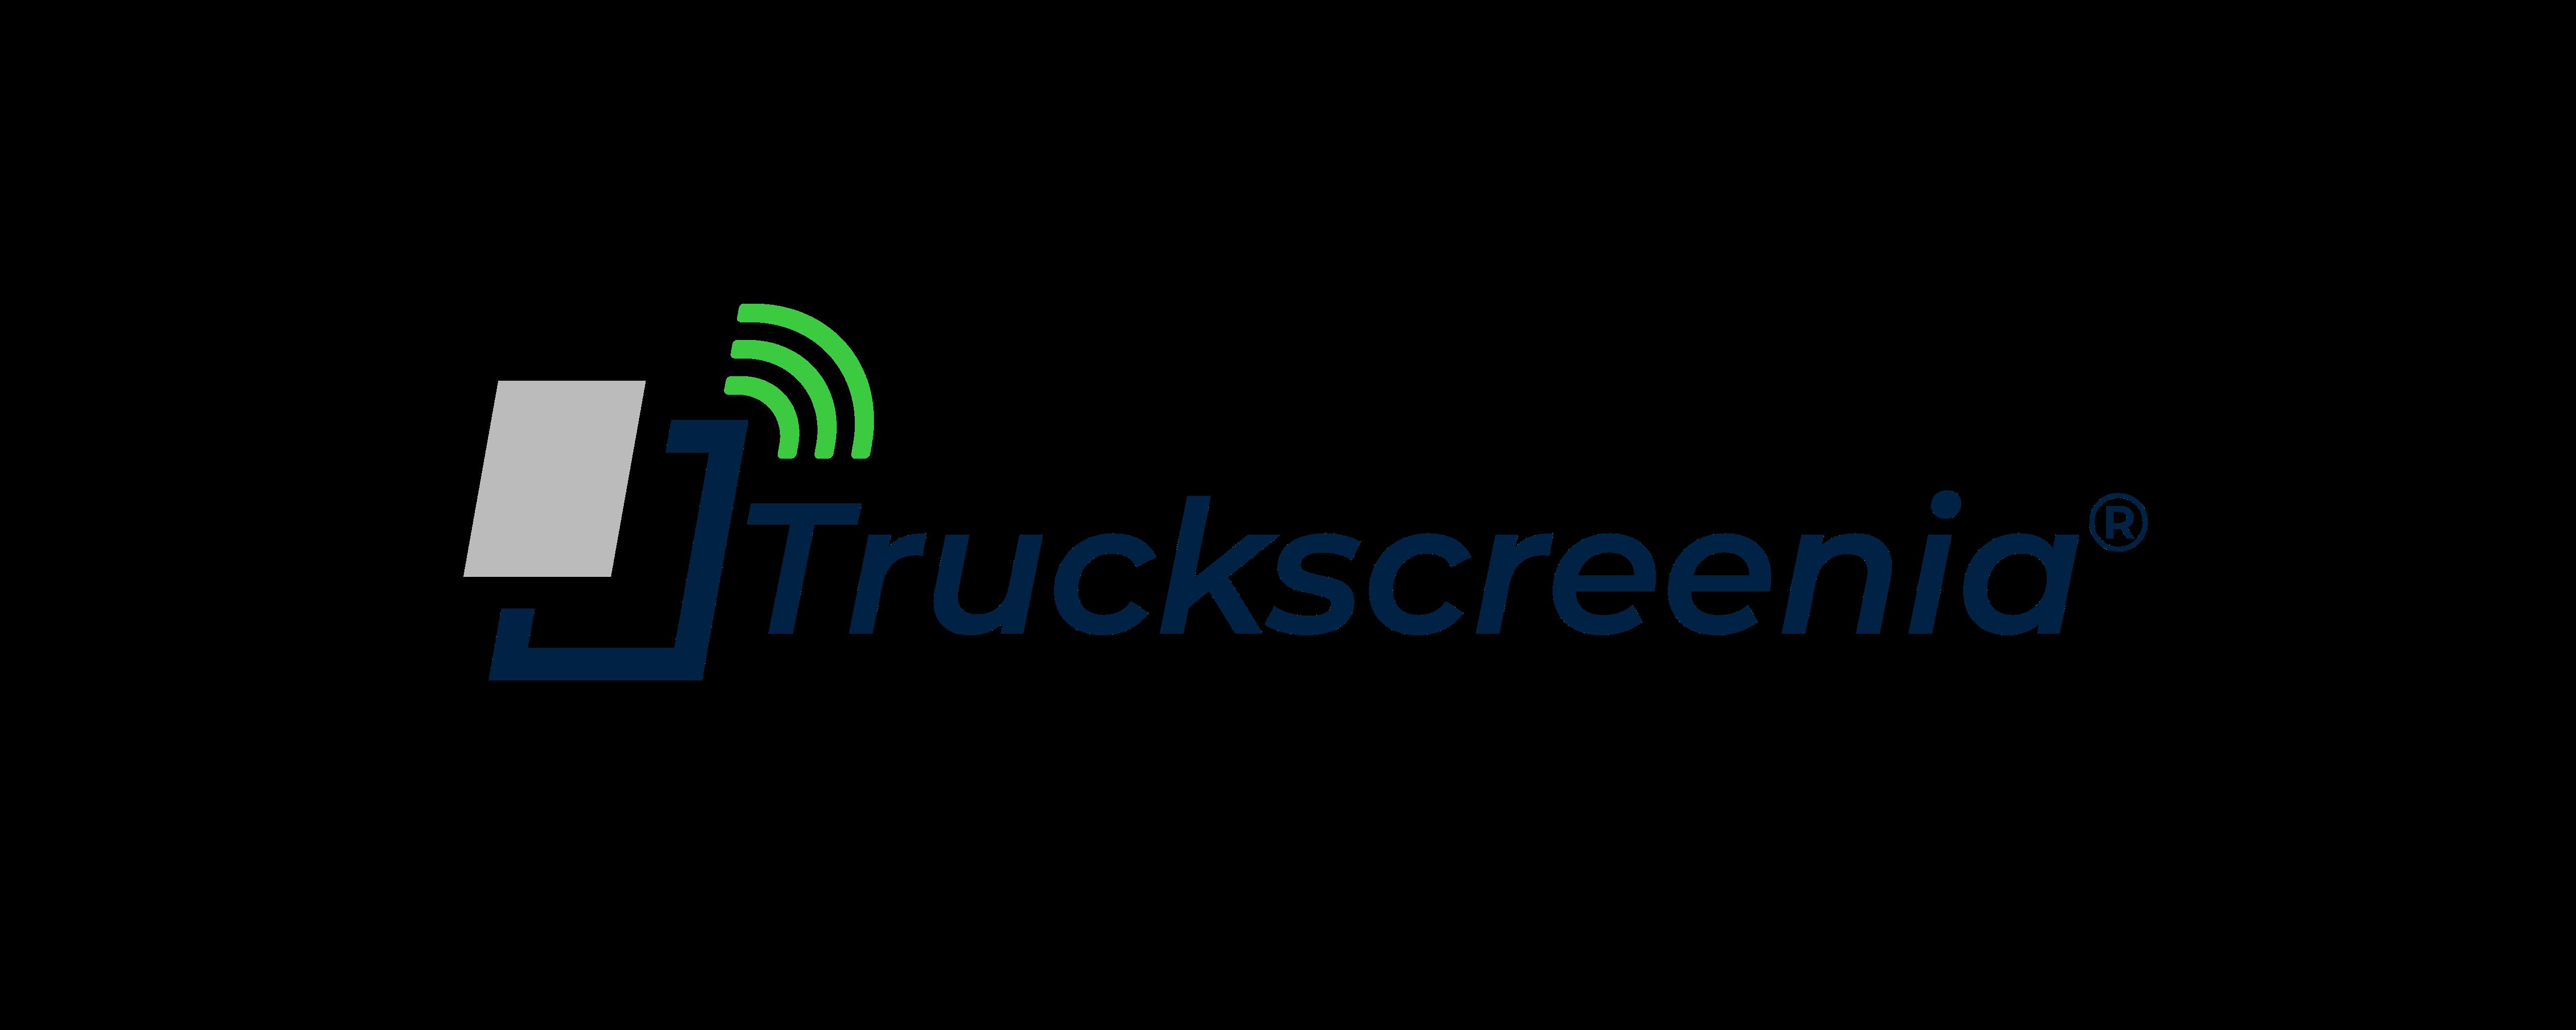 Truckscreenia